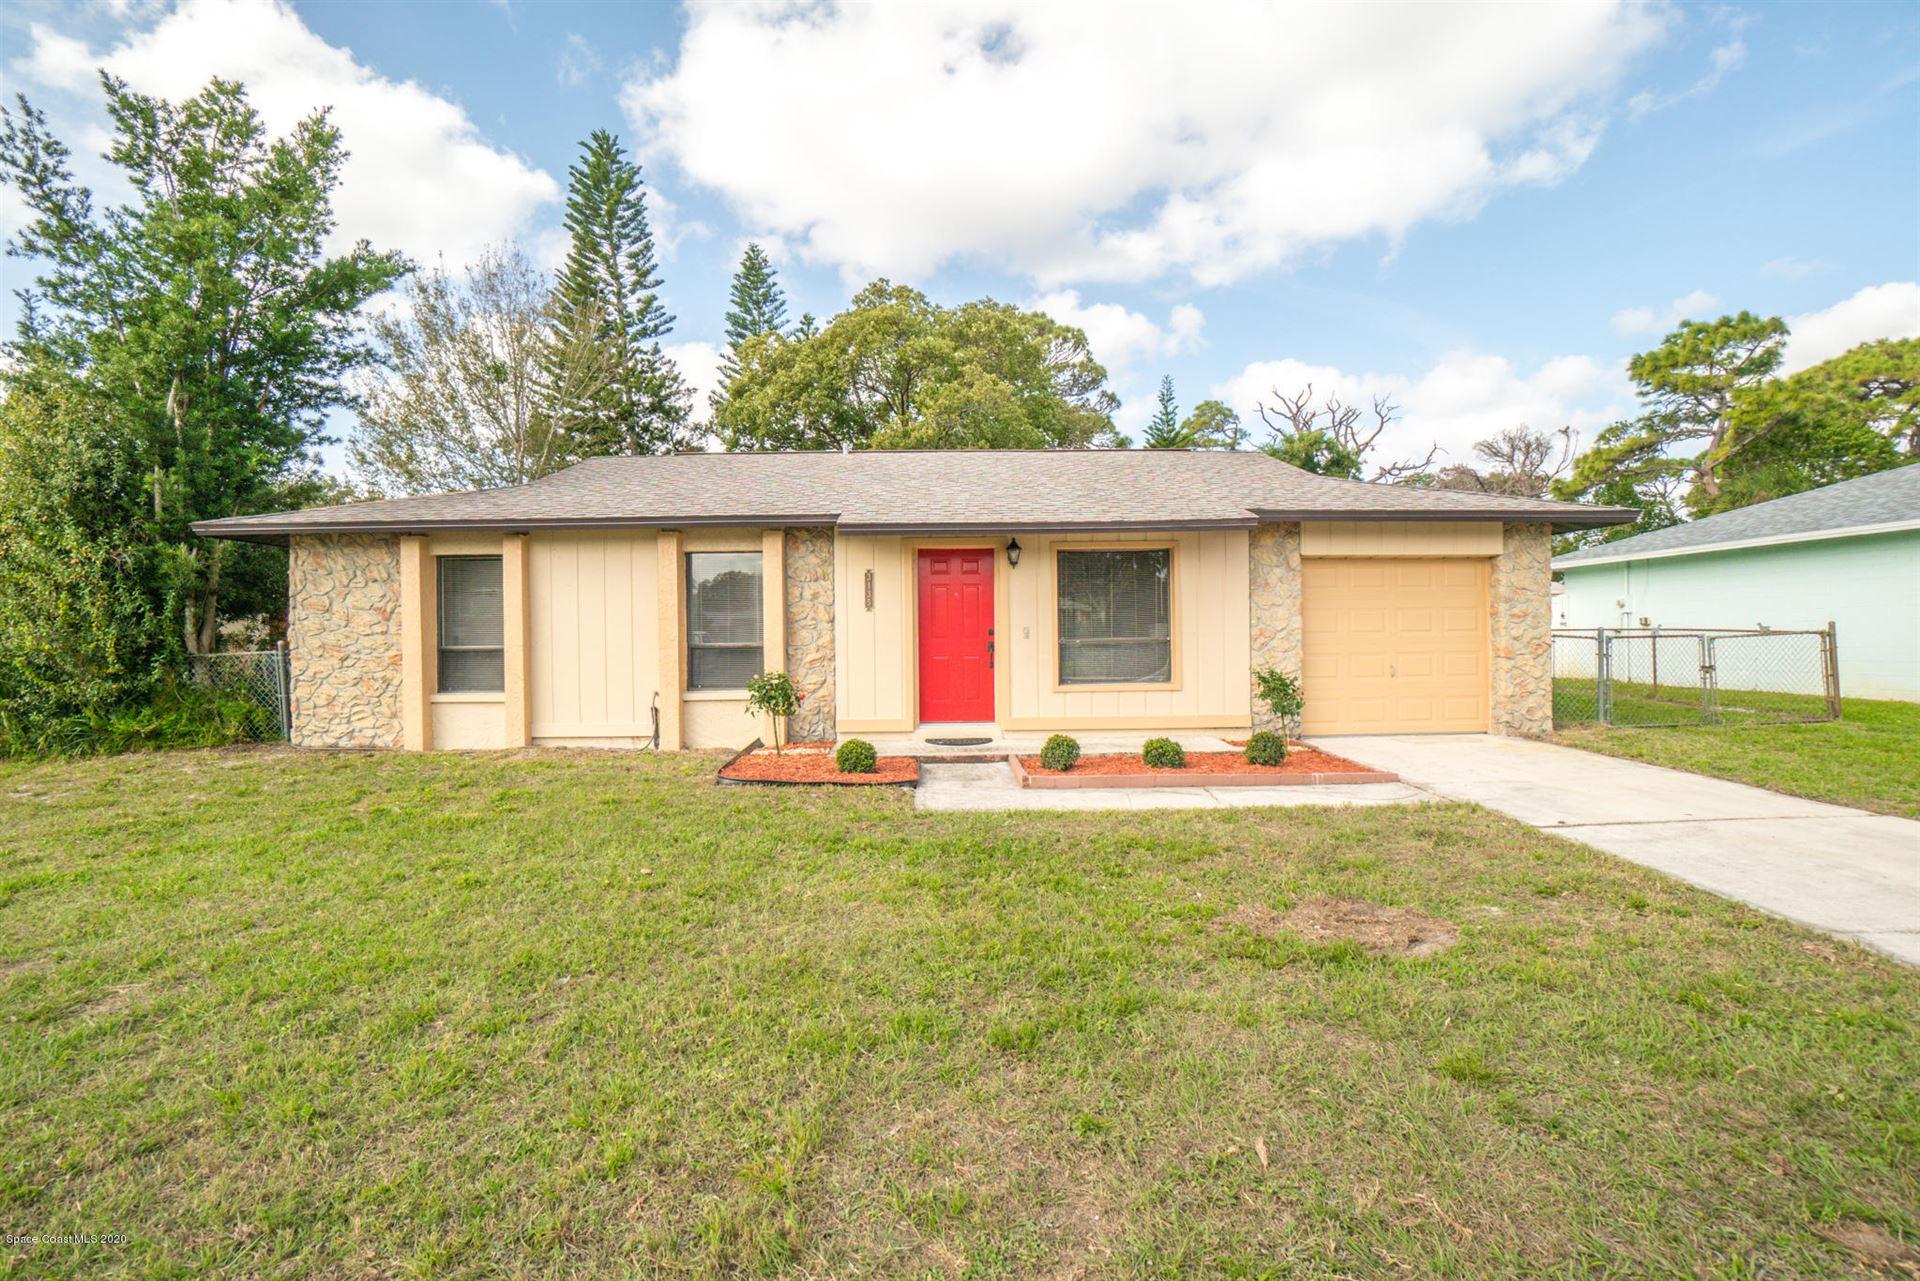 3135 Ipswich Drive, Cocoa, FL 32926 - #: 865654